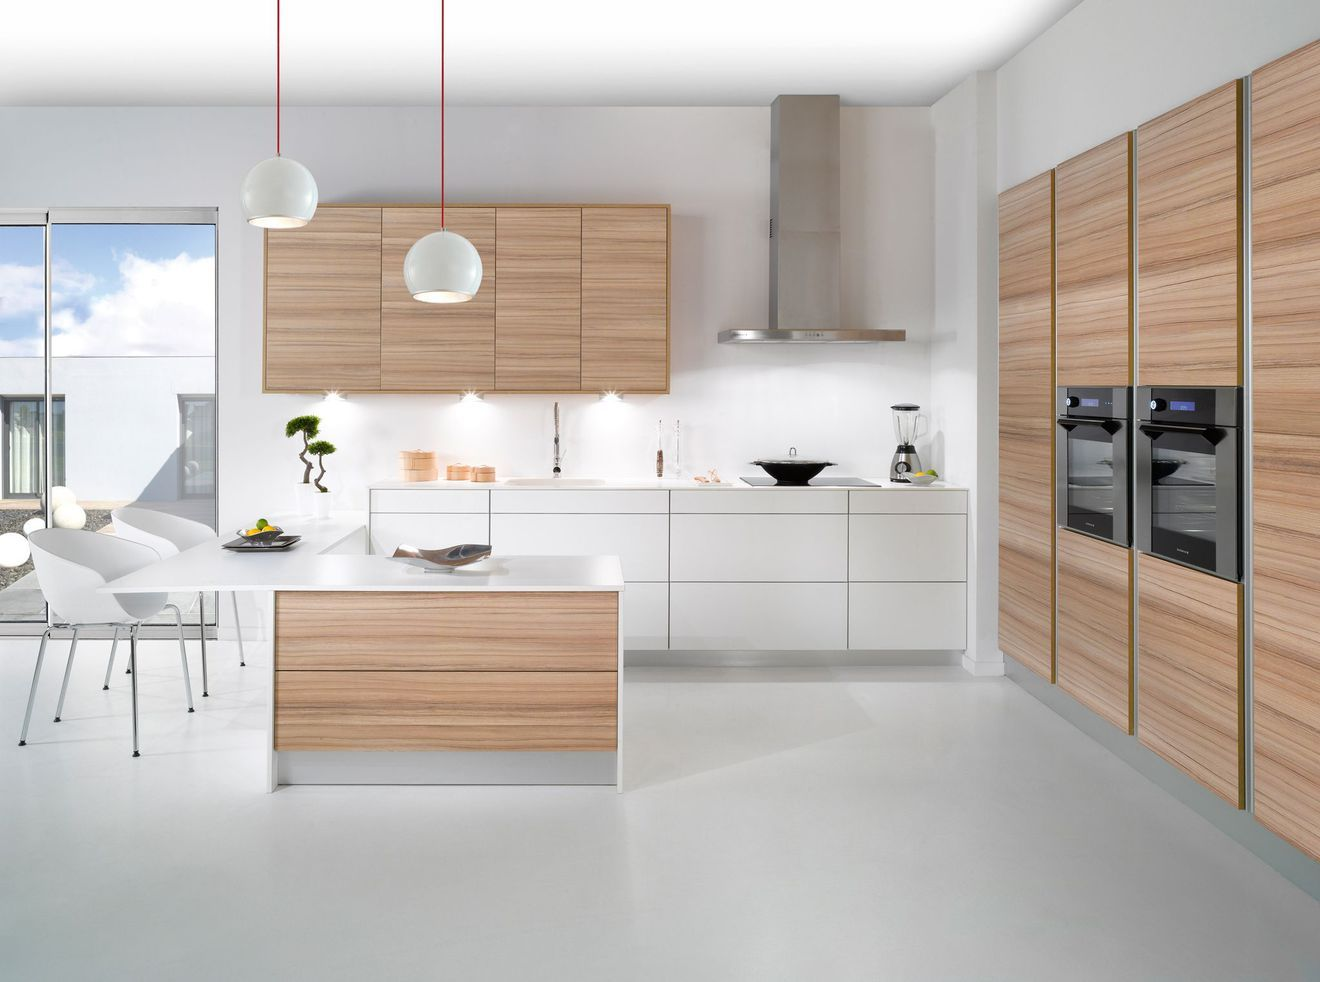 Httpstaticcotemaisonfrmediaswclimitgnorth - Facade pour meuble de cuisine pour idees de deco de cuisine